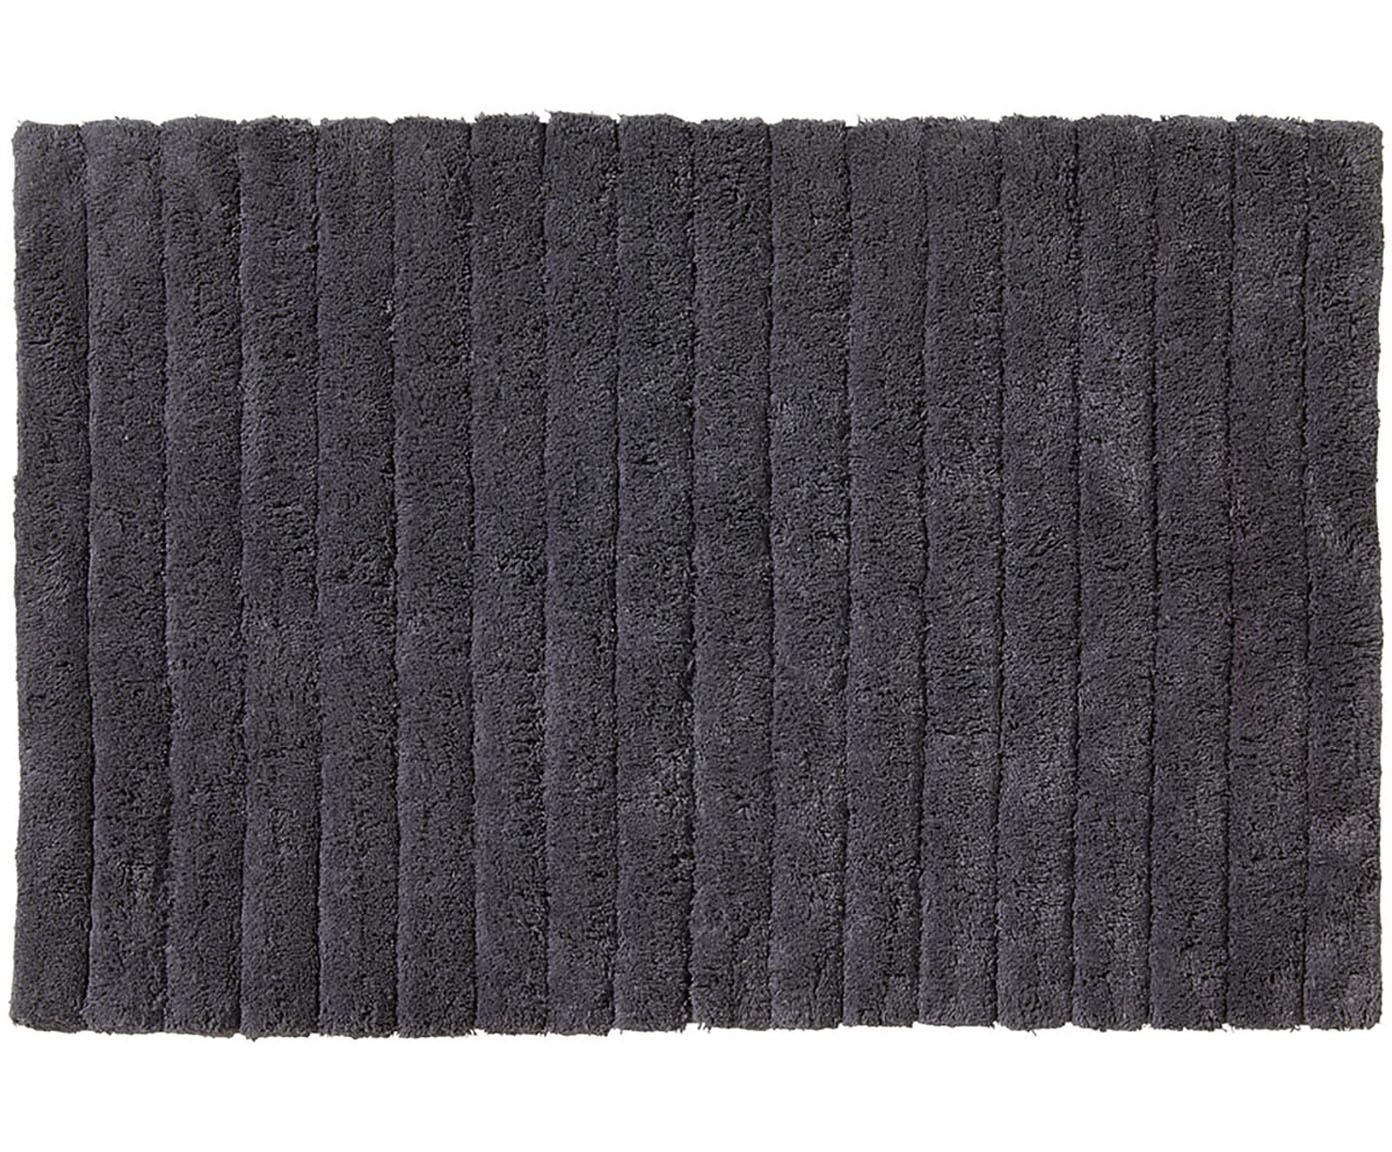 Dywanik łazienkowy Board, Bawełna, wysokagramatura, 1900g/m², Grafitowoszary, S 50 x D 60 cm